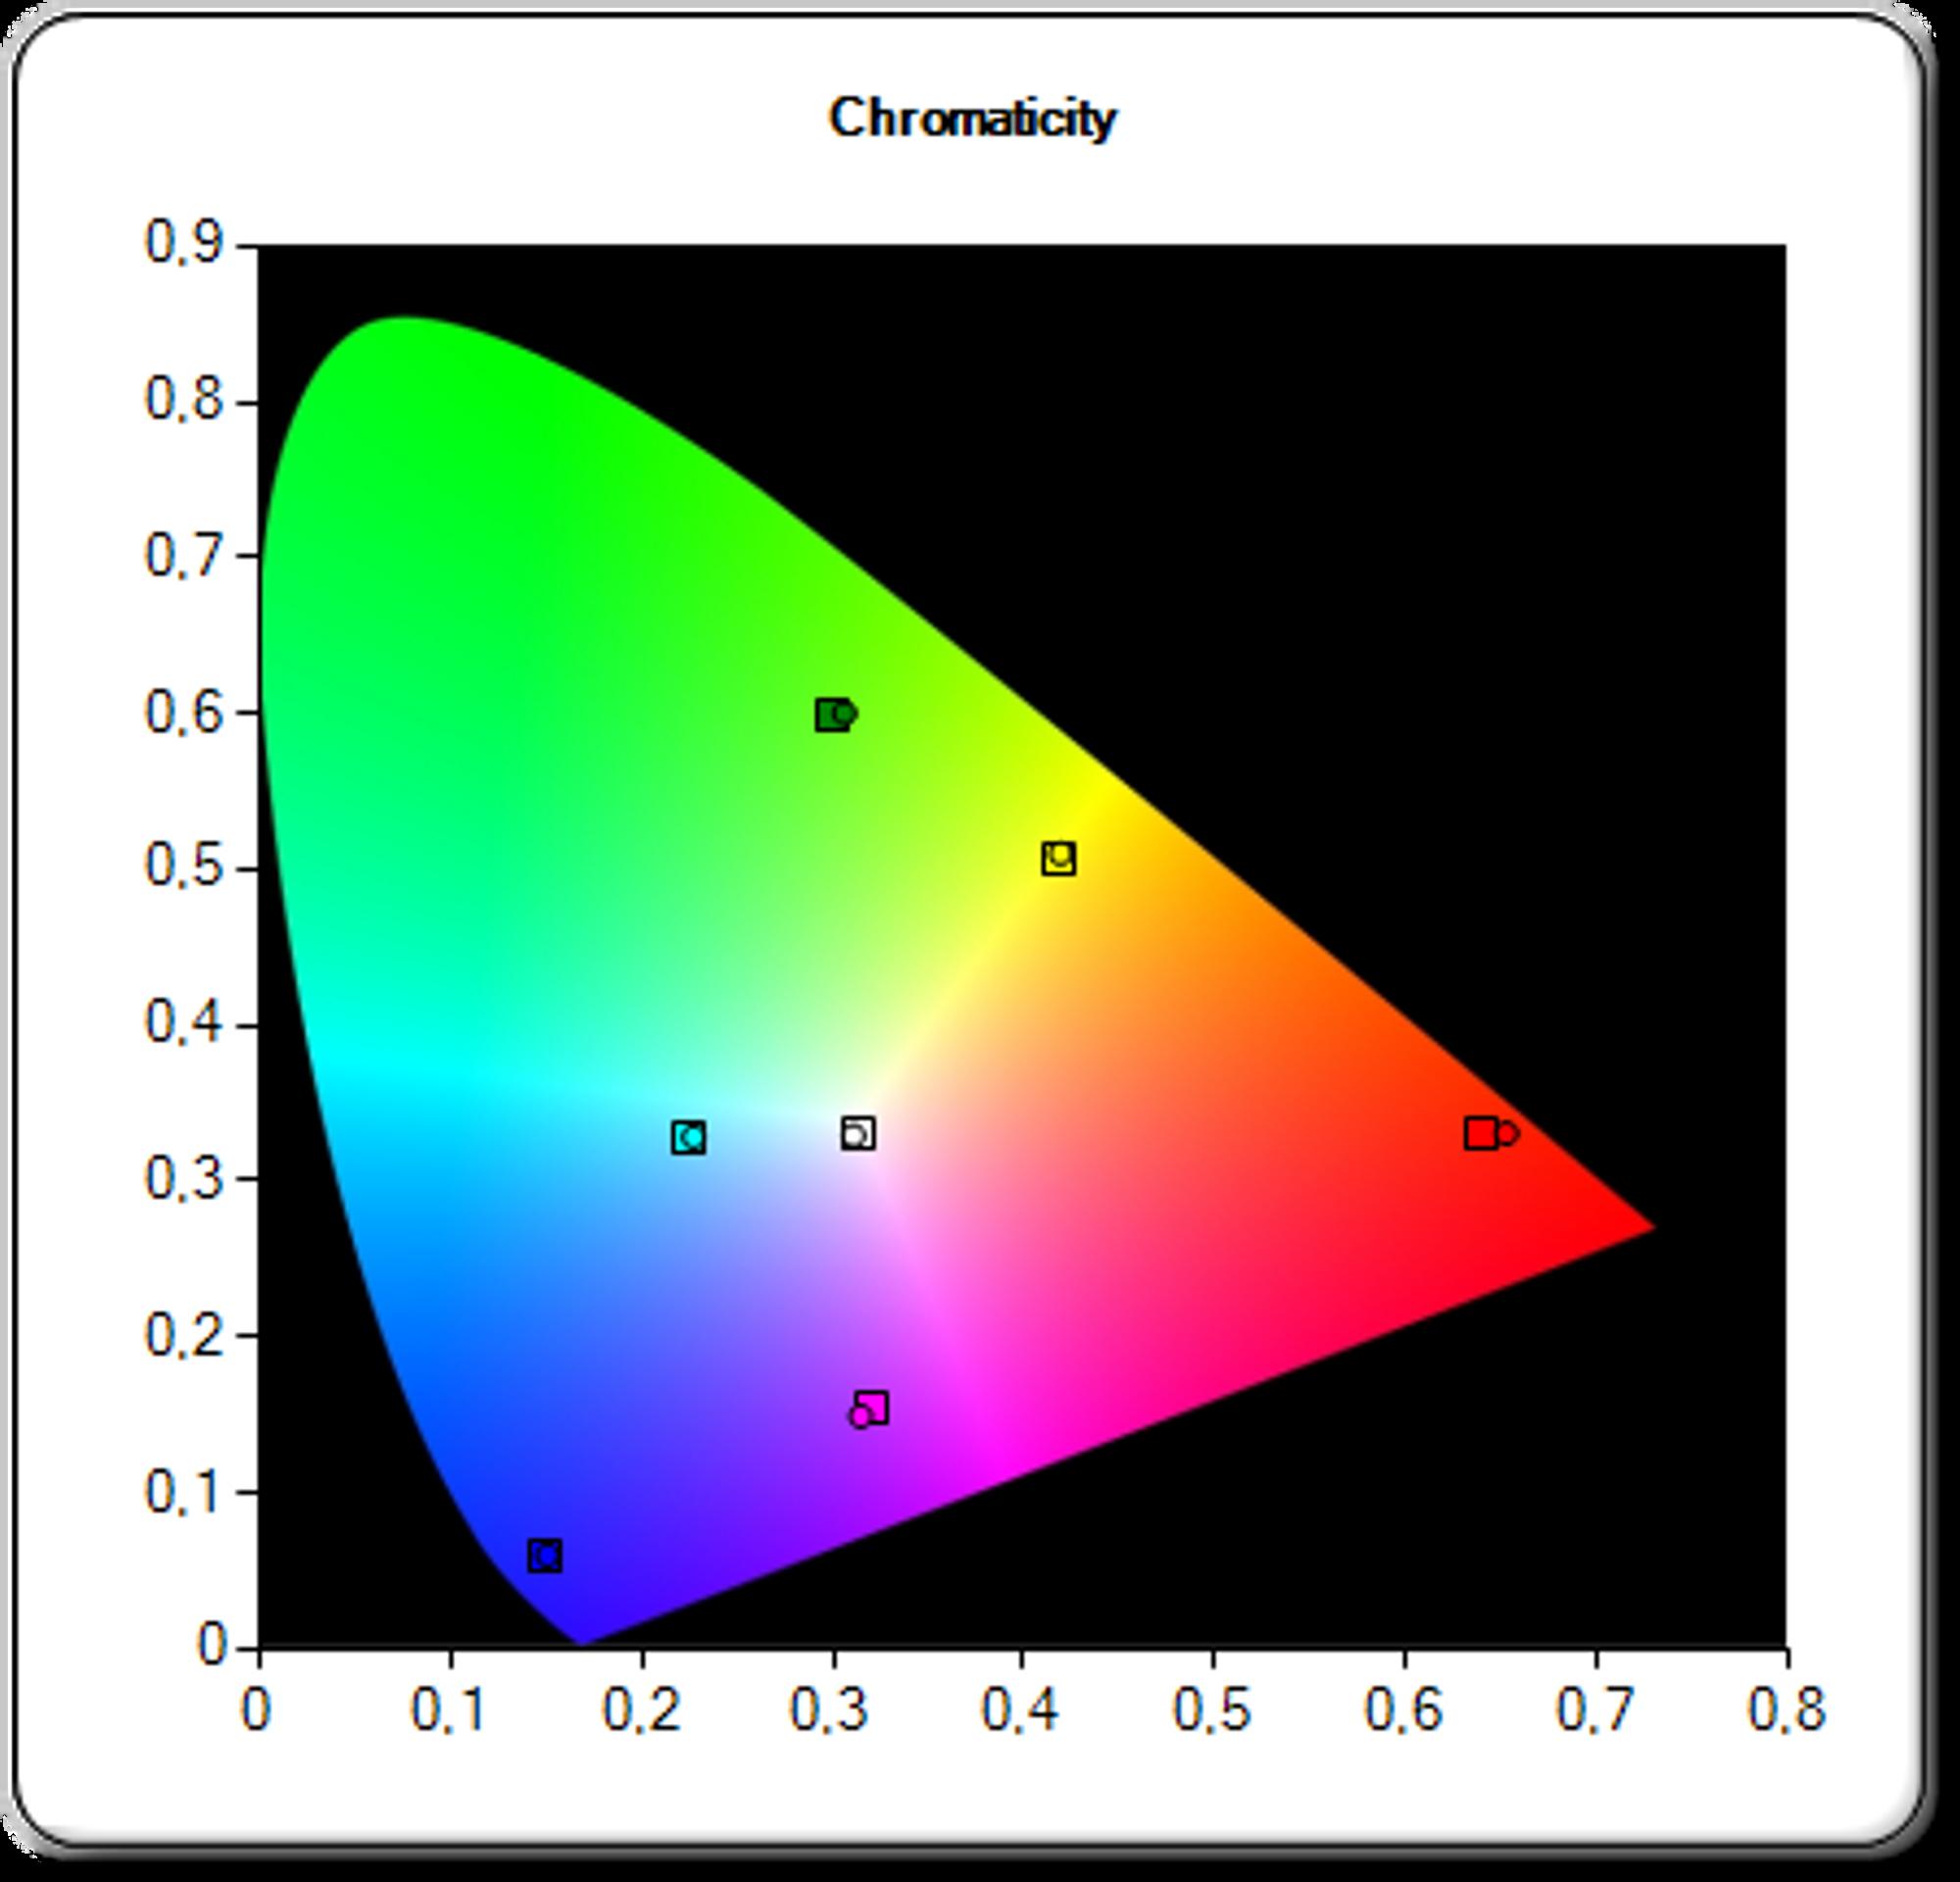 Retina-skjermen treffer ganske så godt på fargene.